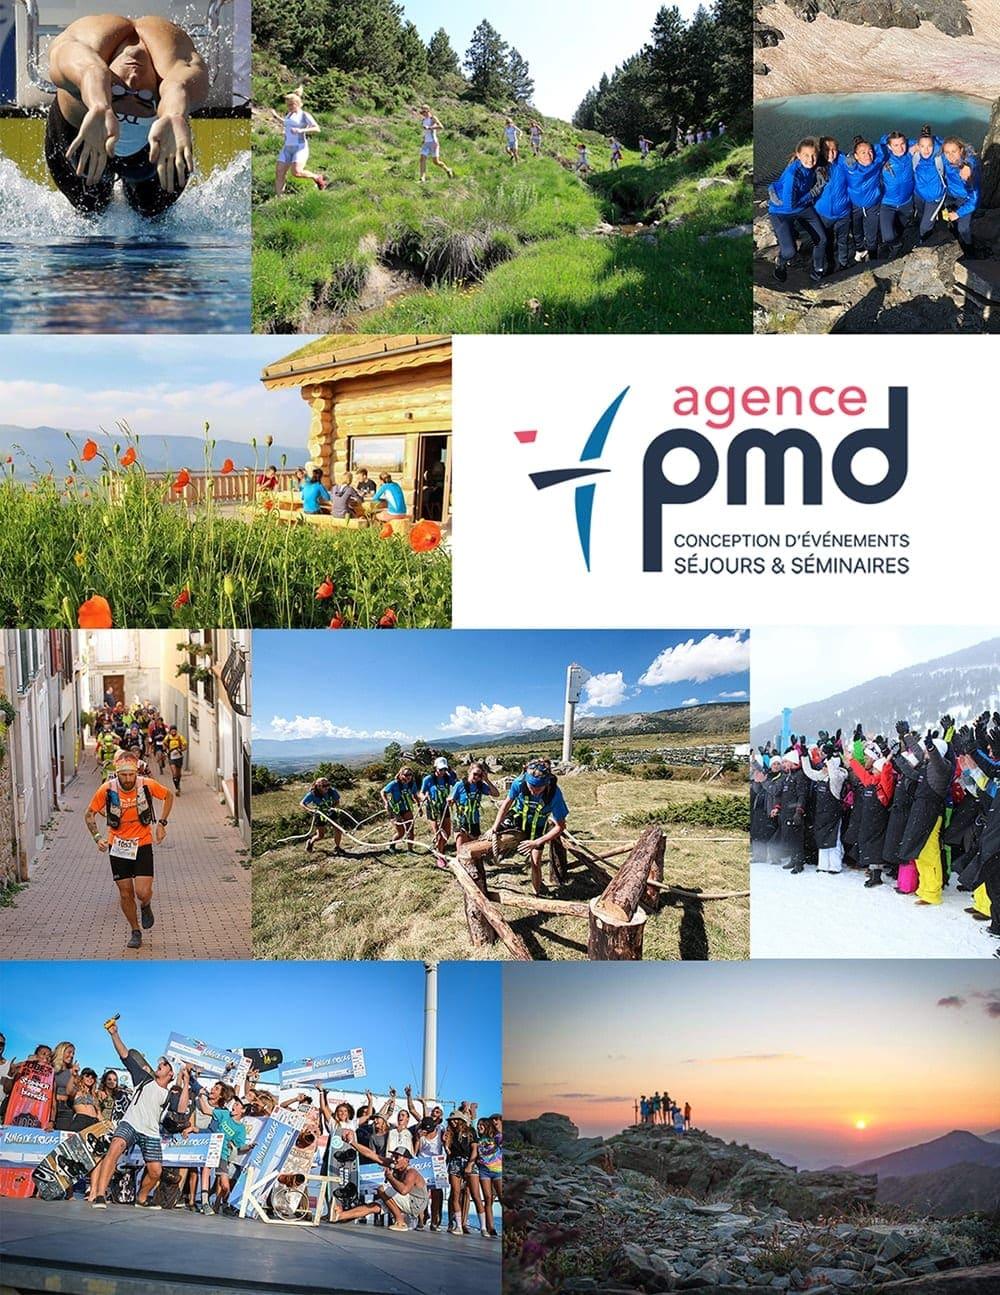 Agence pmd, conception d'événements sportifs, séjours, stages sportifs et séminaire d'entreprises dans les PO